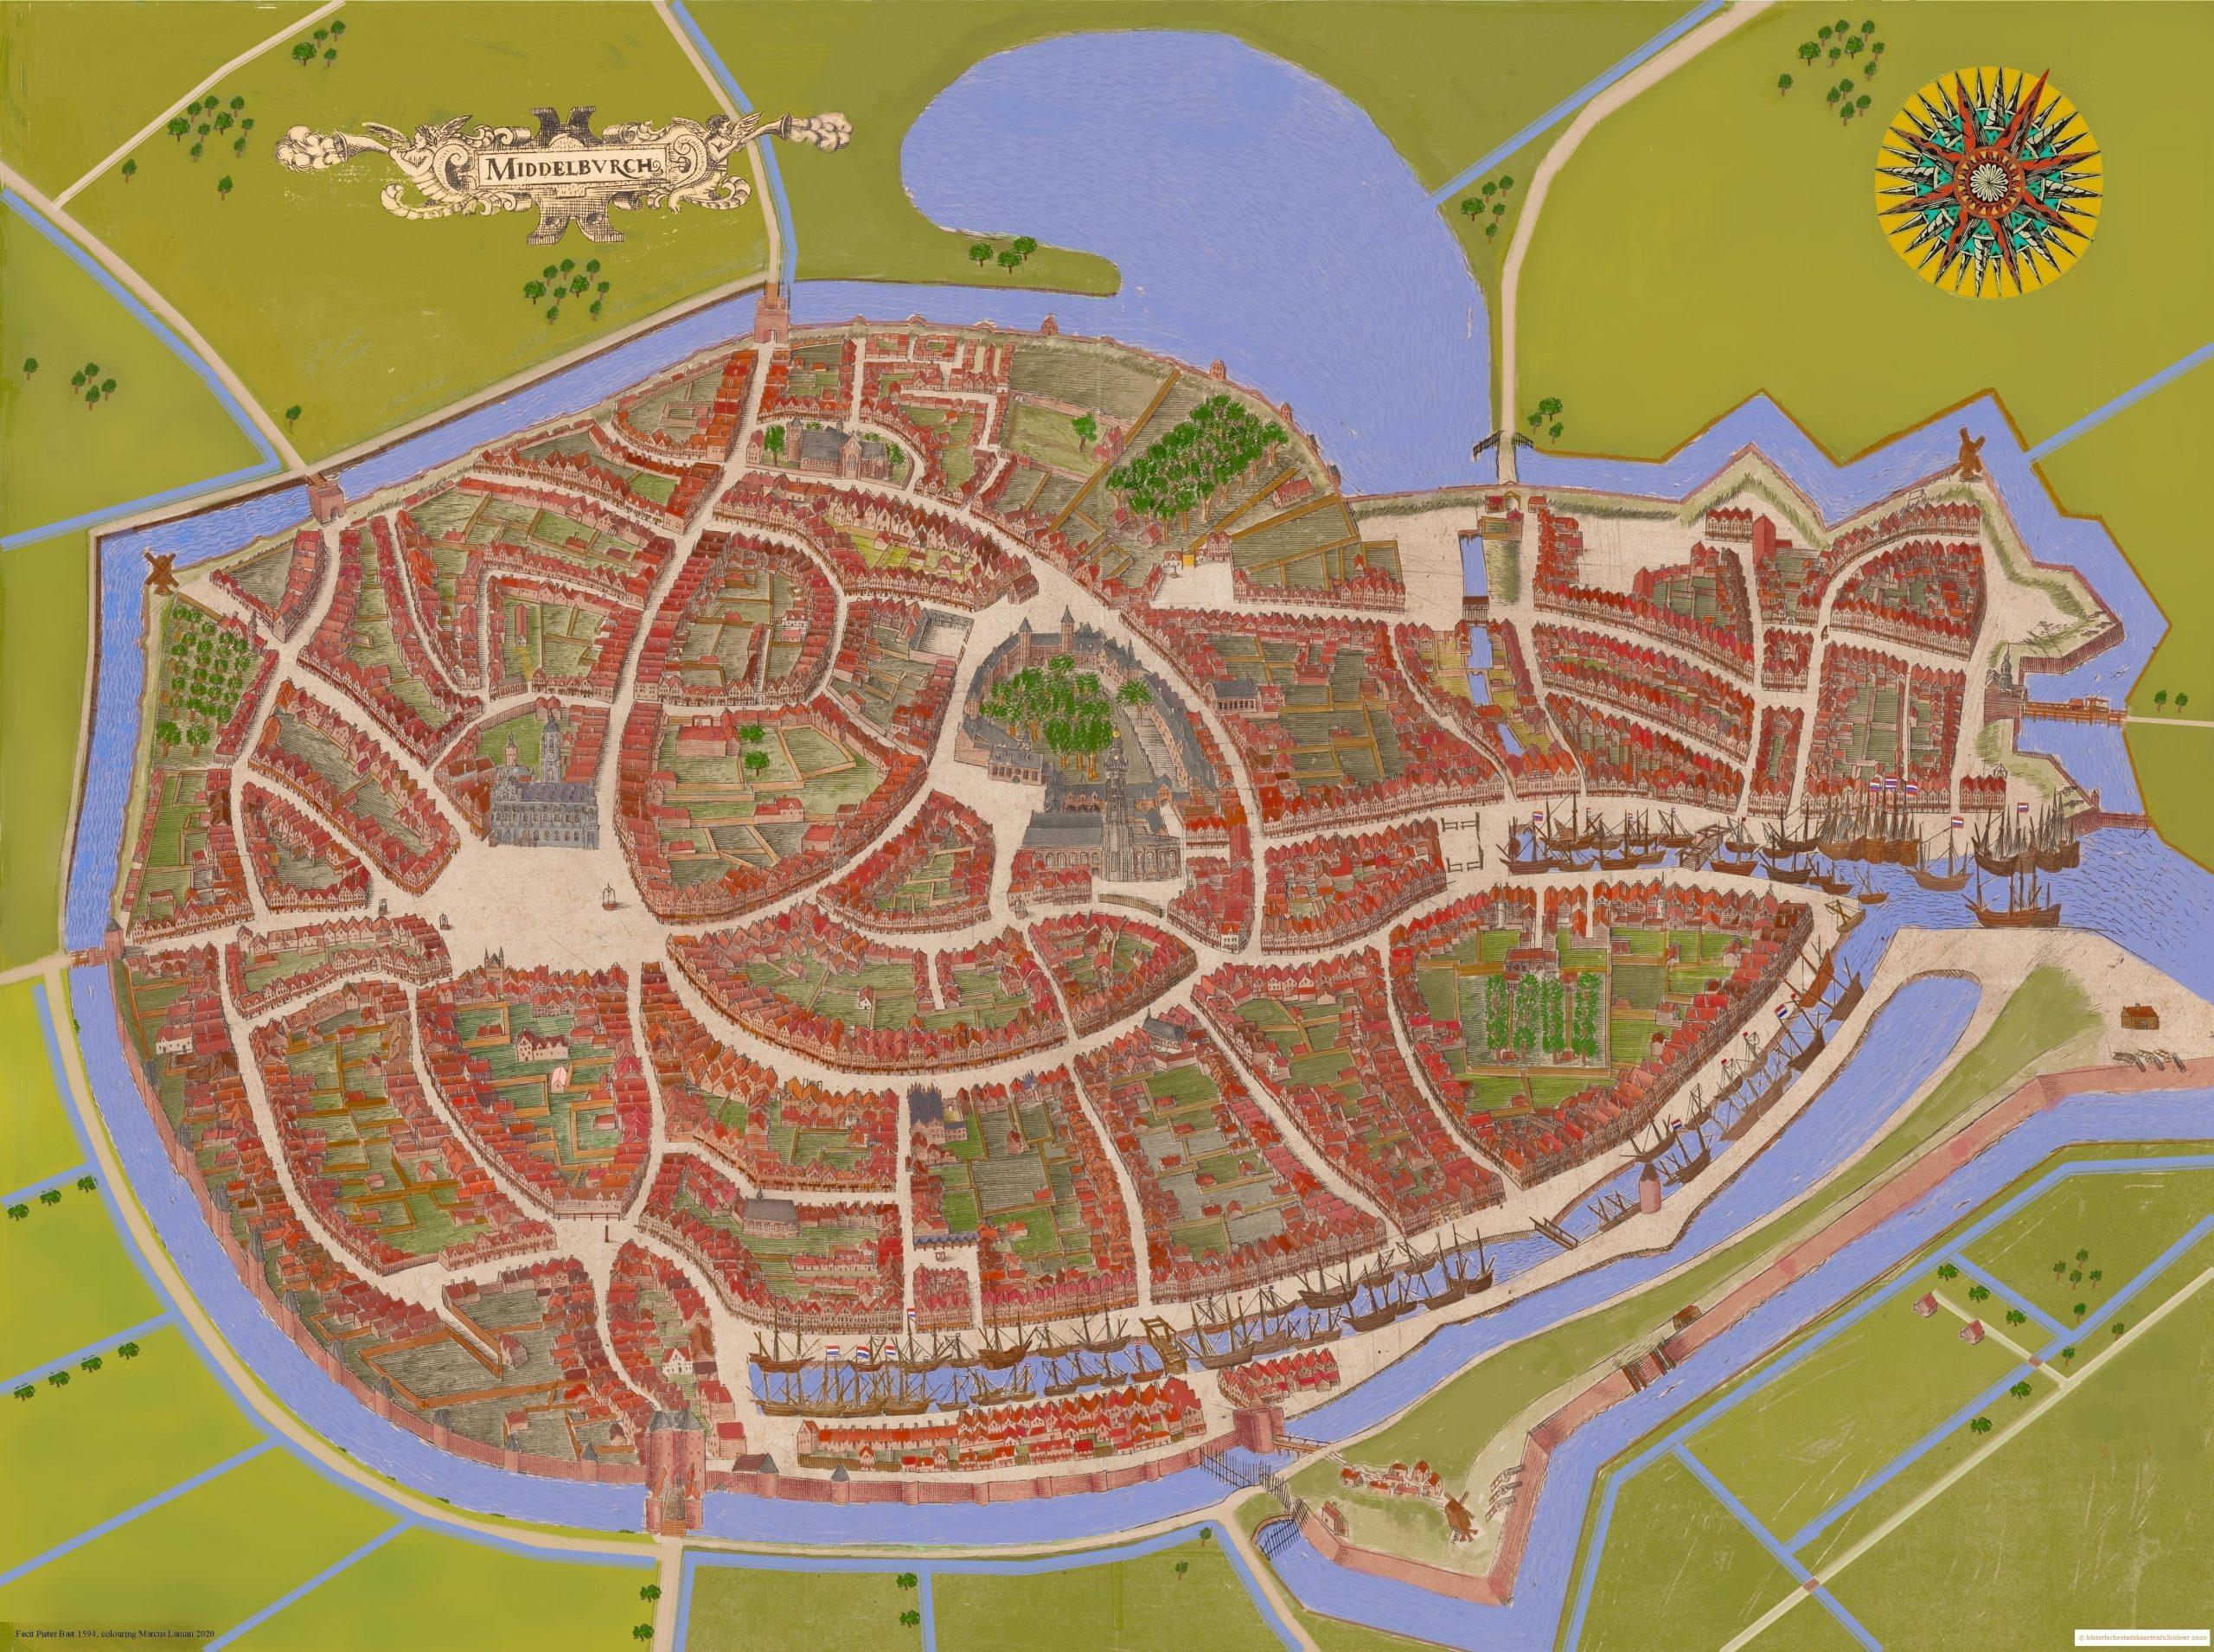 Middelburg 1594 Pieter Bast gekleurd versie 300820-min